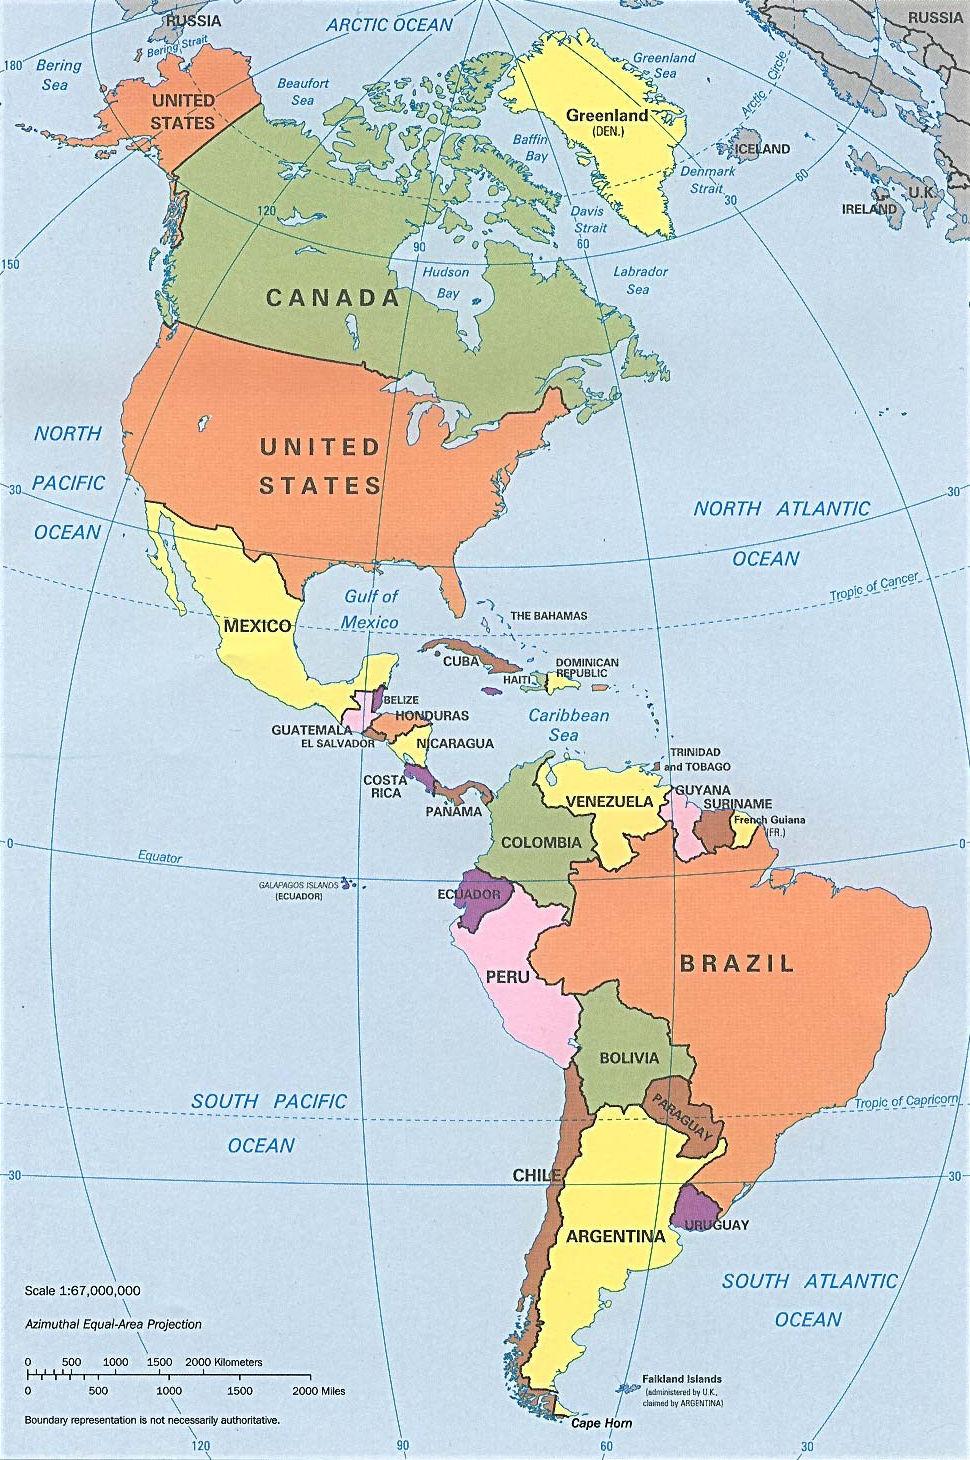 Durante el siglo XVIII ¿Cuántos países se independizaron en América?